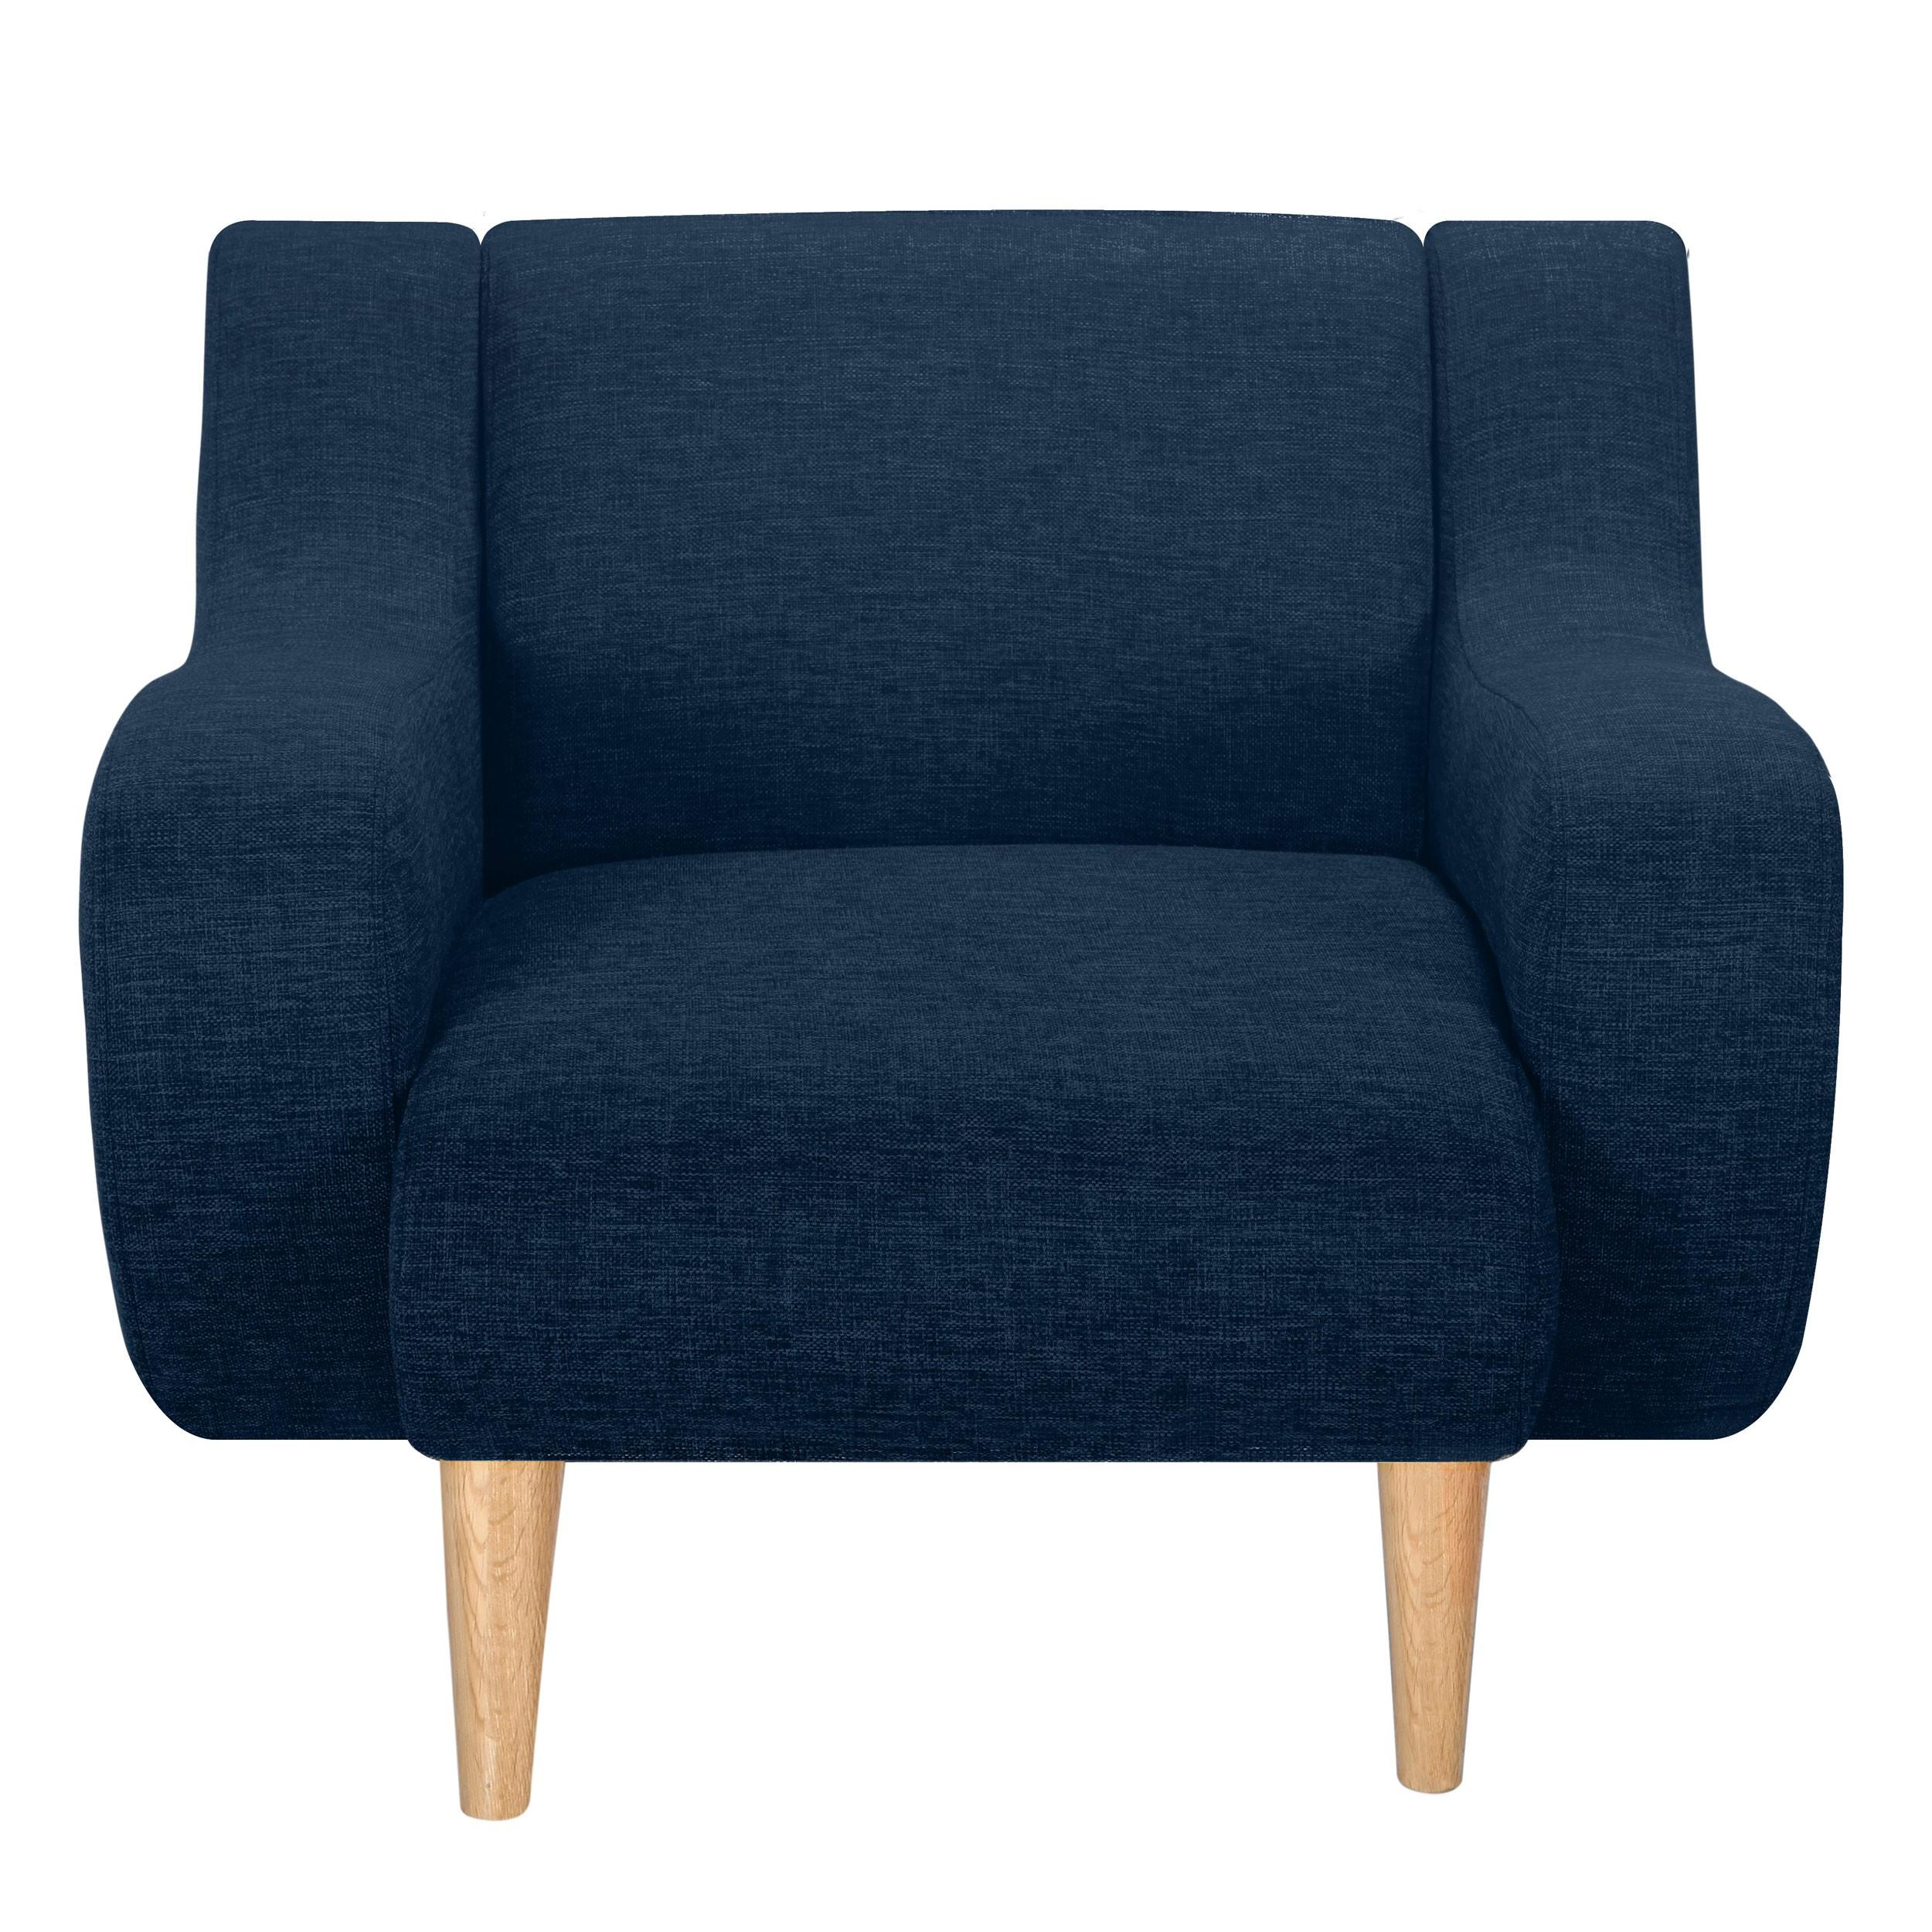 acheter fauteuil bleu tissu